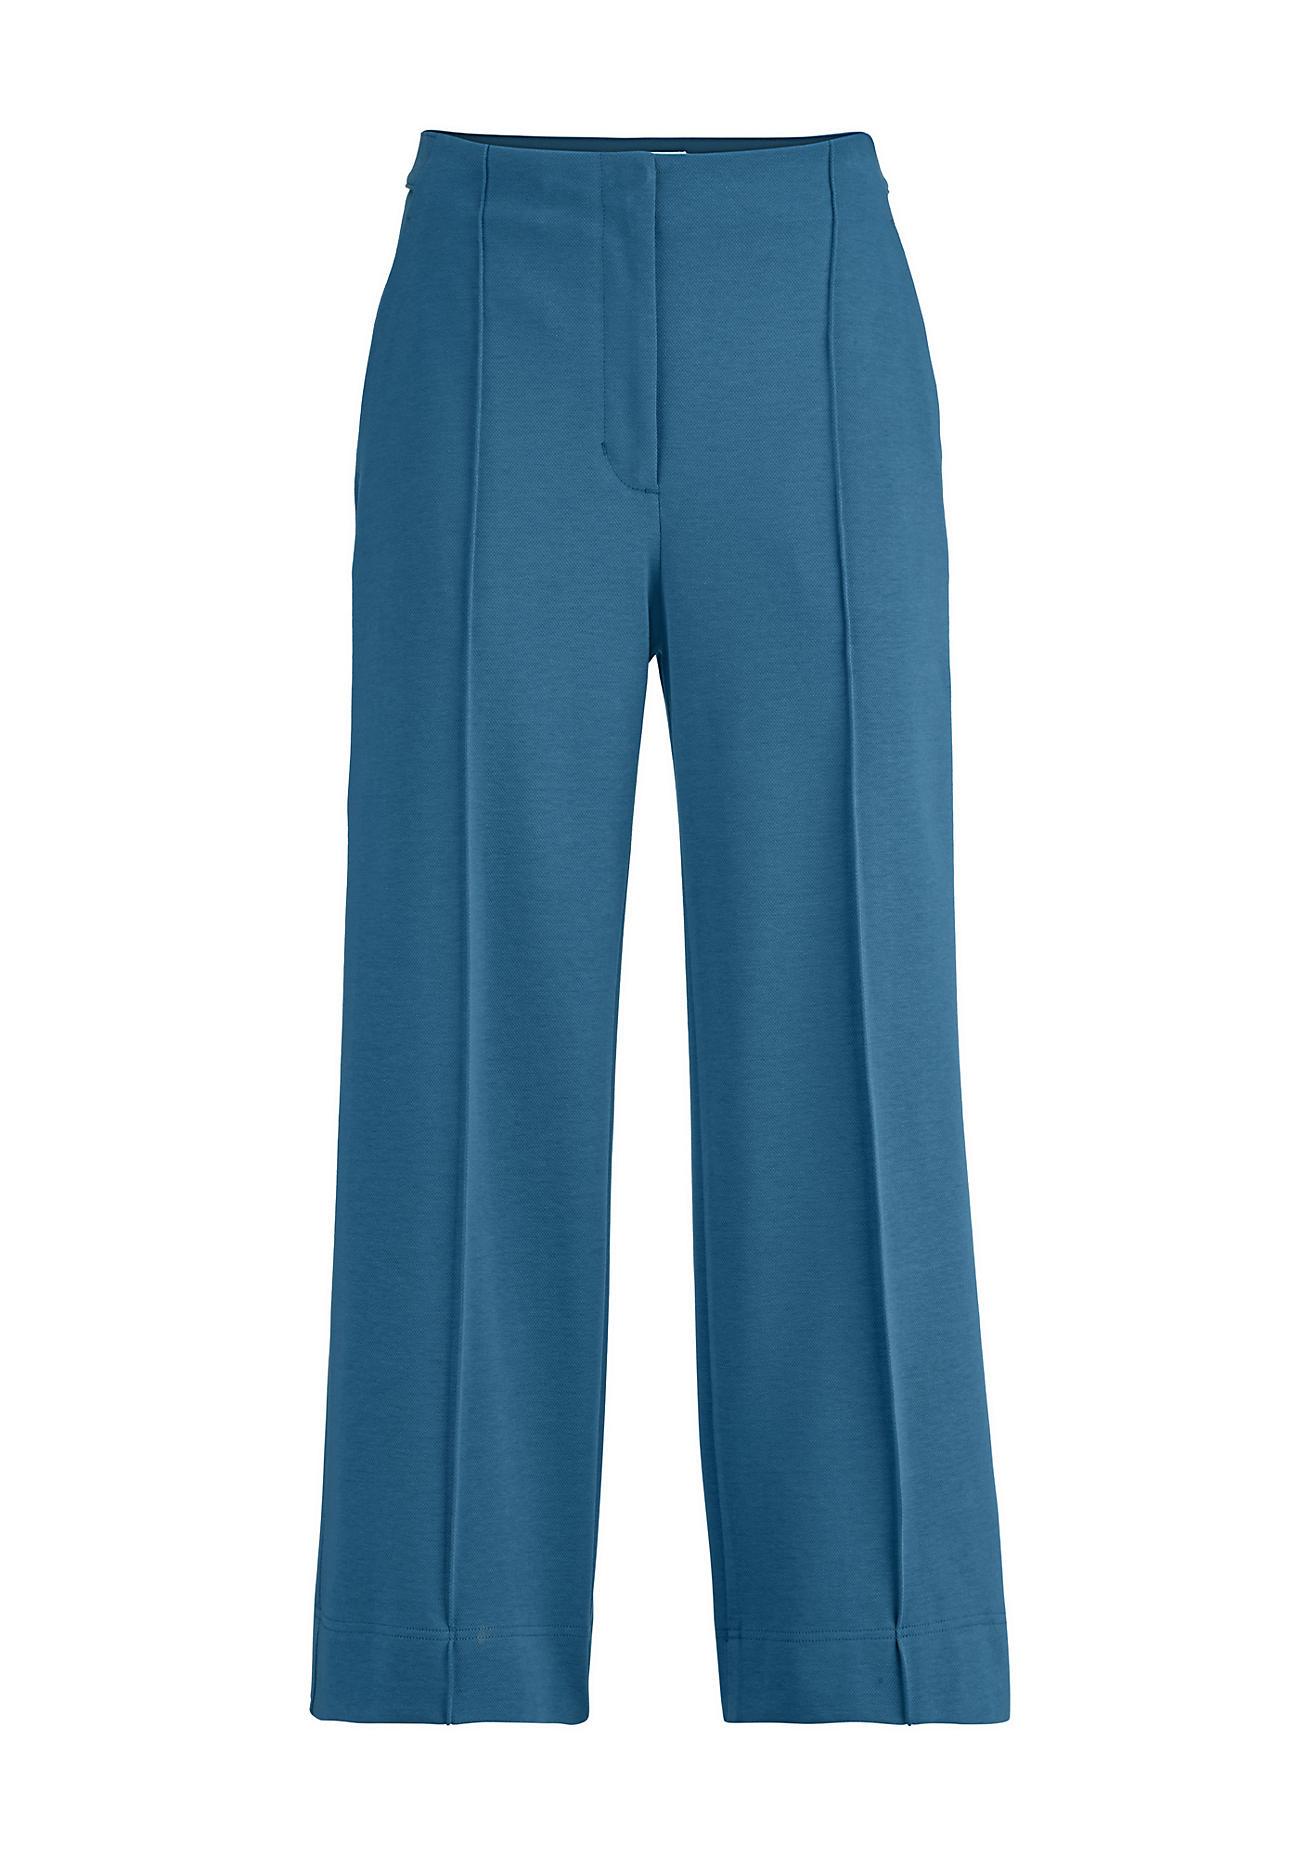 Hosen - hessnatur Damen Culotte aus Bio Baumwolle – blau –  - Onlineshop Hessnatur